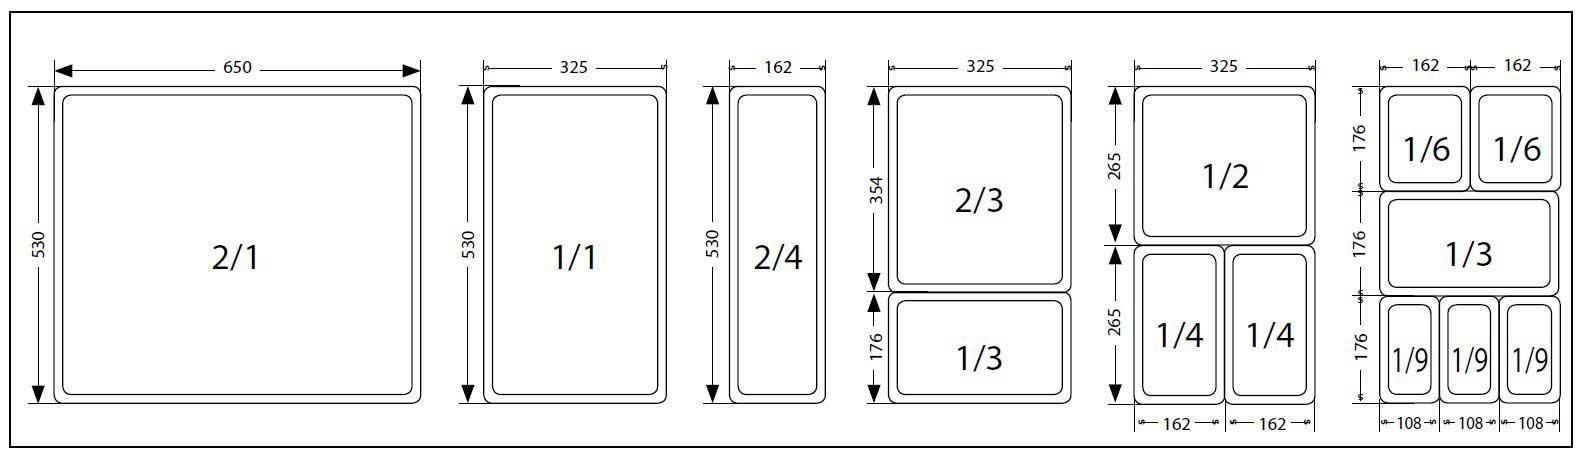 Dimensions aux normes internationales de standardisation du matériel de cuisine NF 631-1